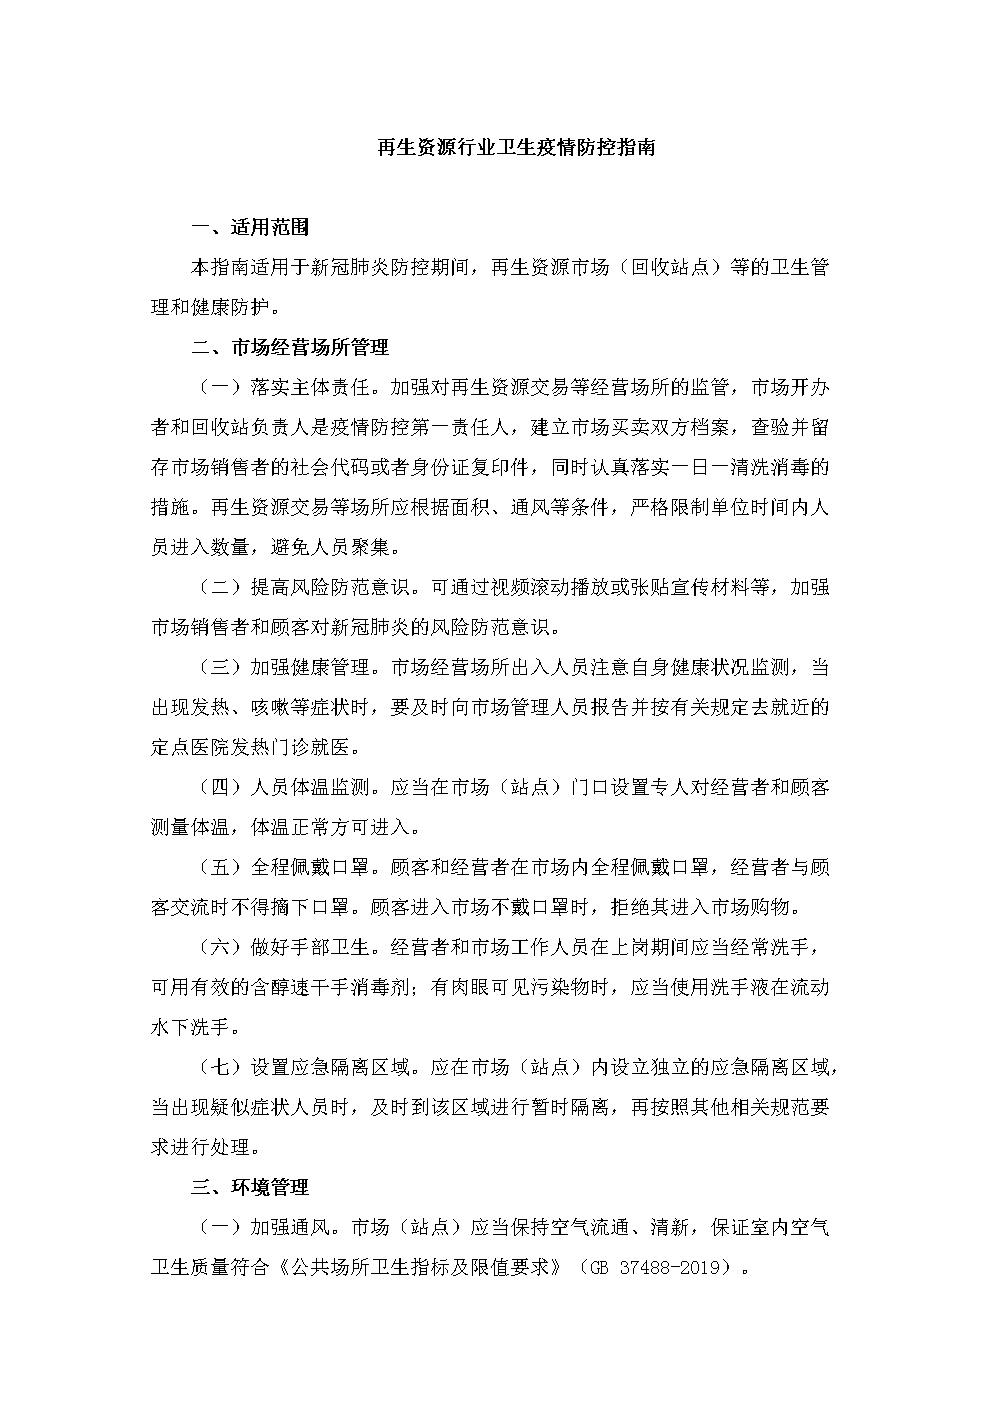 再生资源行业卫生疫情防控指南.docx